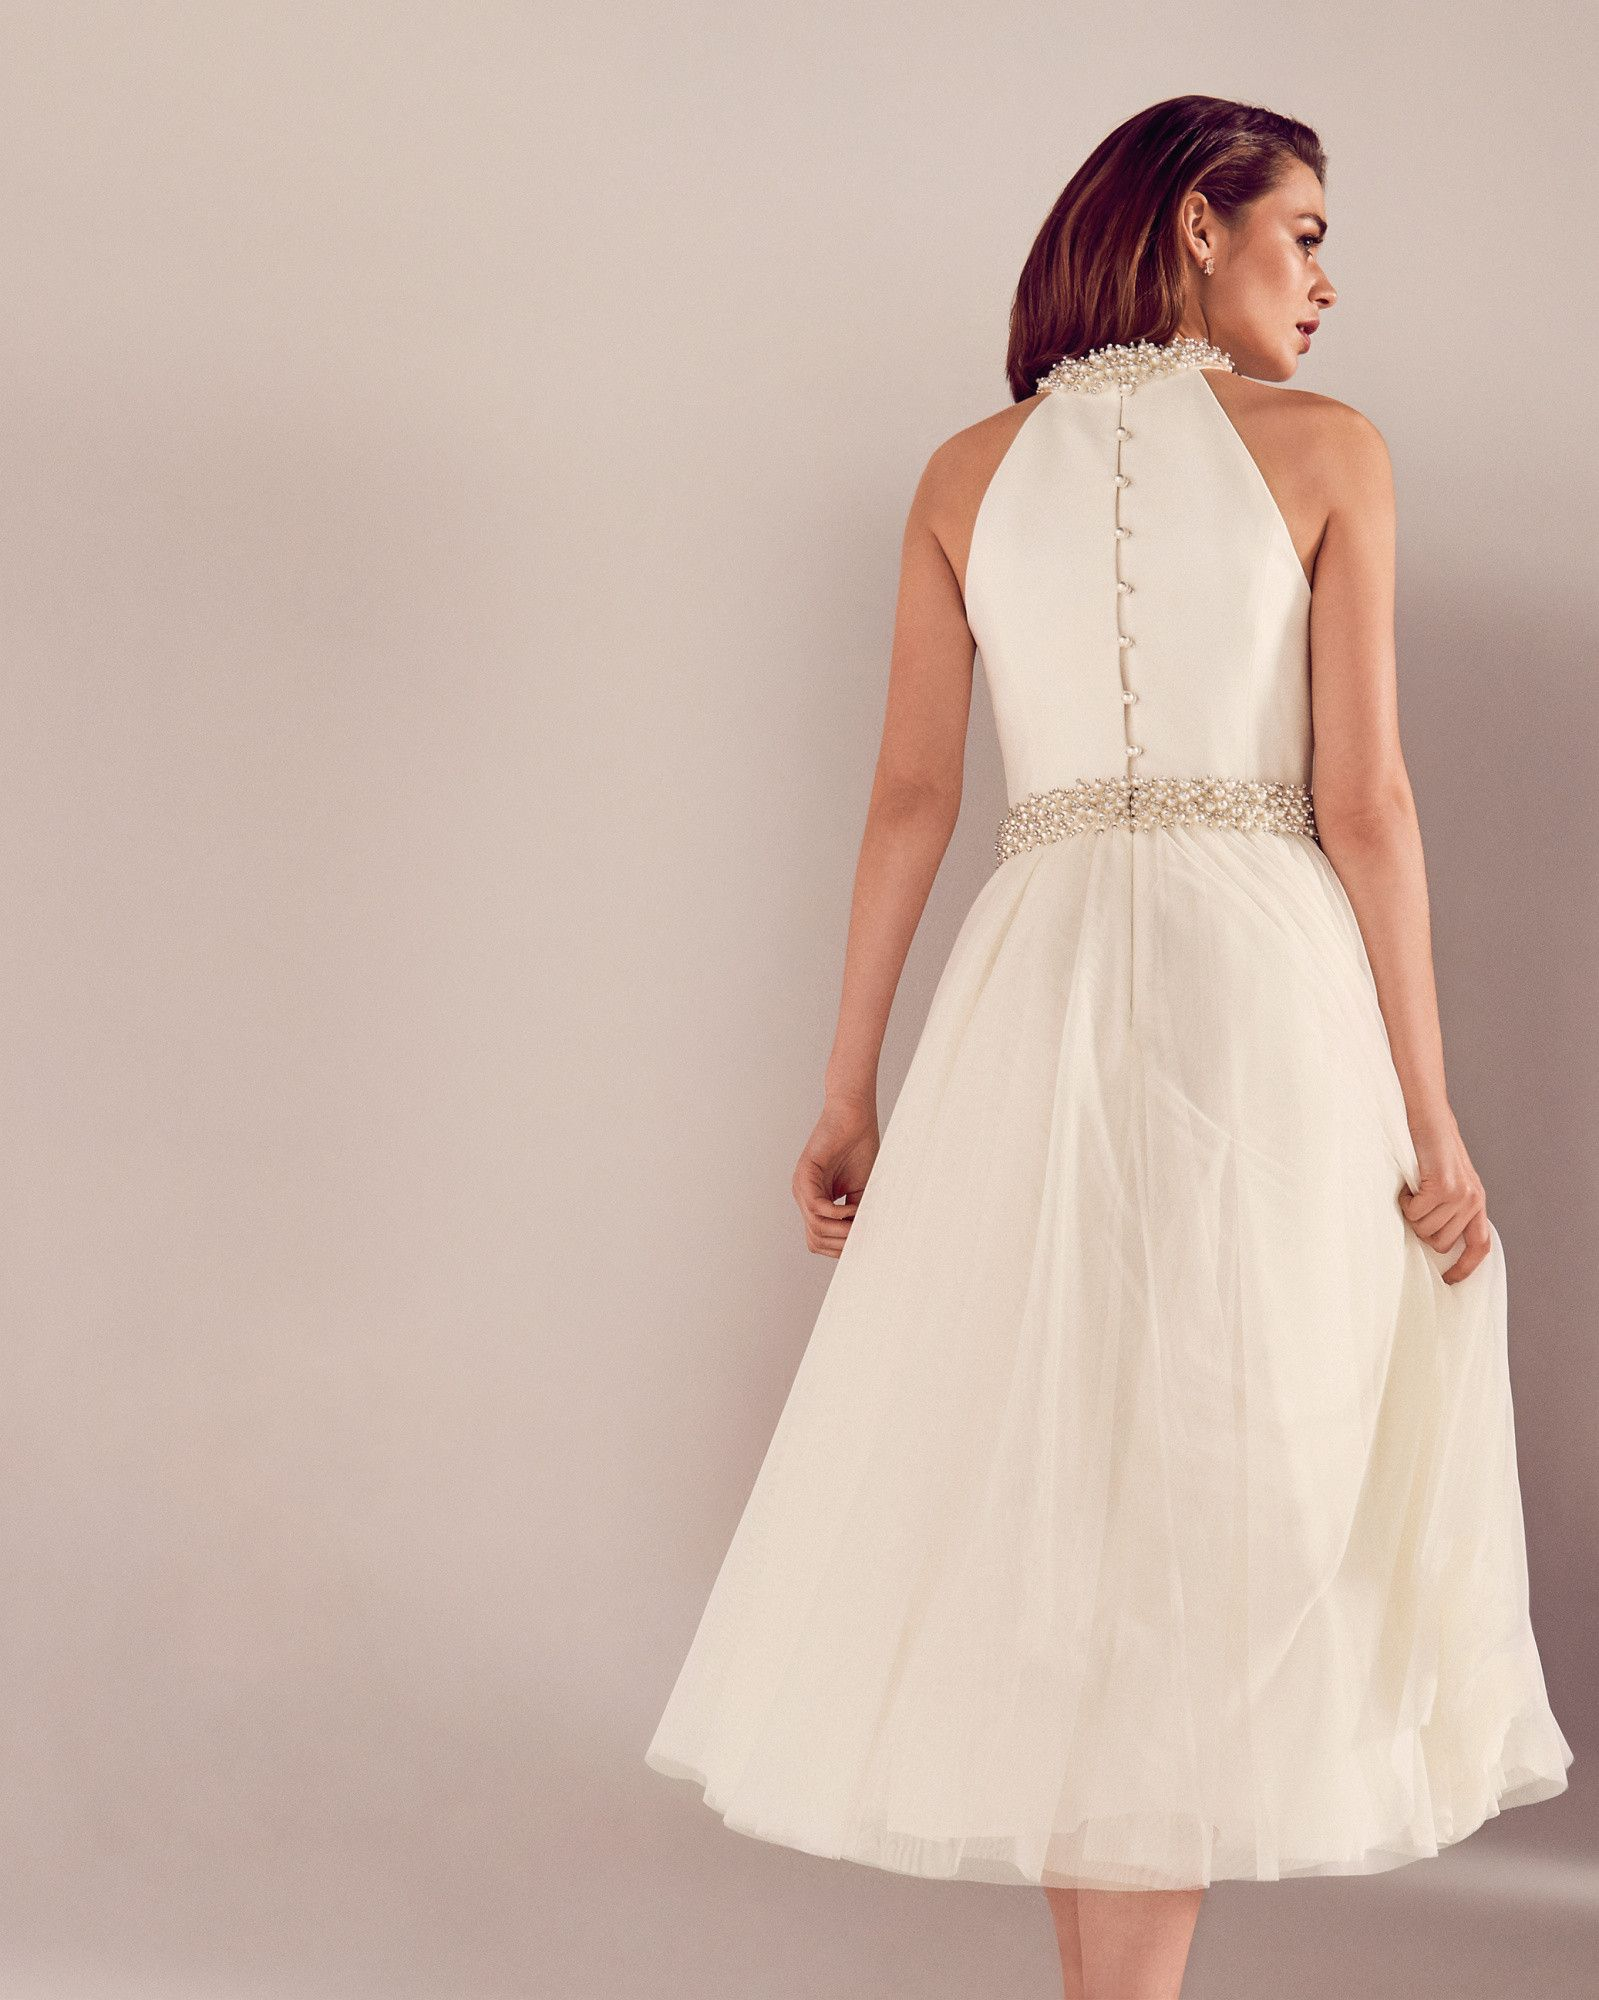 Embellished Tulle Bridal Dress Ted Baker Clearance Popular 100% Original Online Browse Online For Nice Online TqUs3H8O